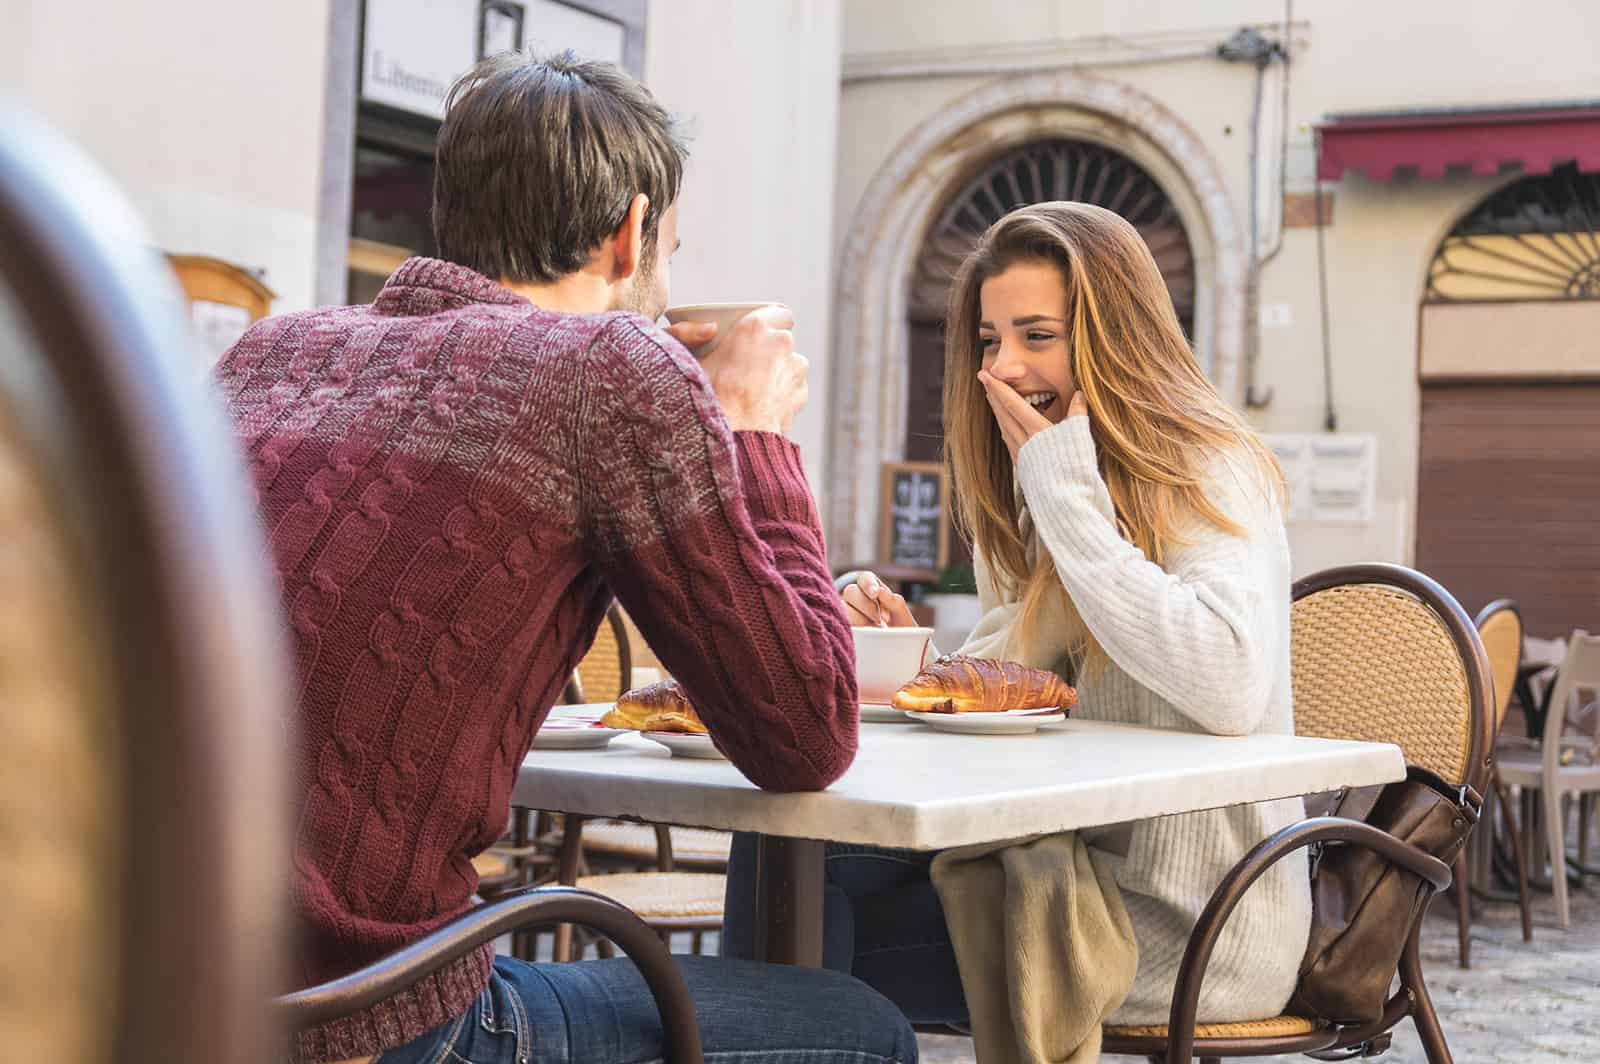 Ein entspannter Mann und eine Frau lachen über ein Date im Café